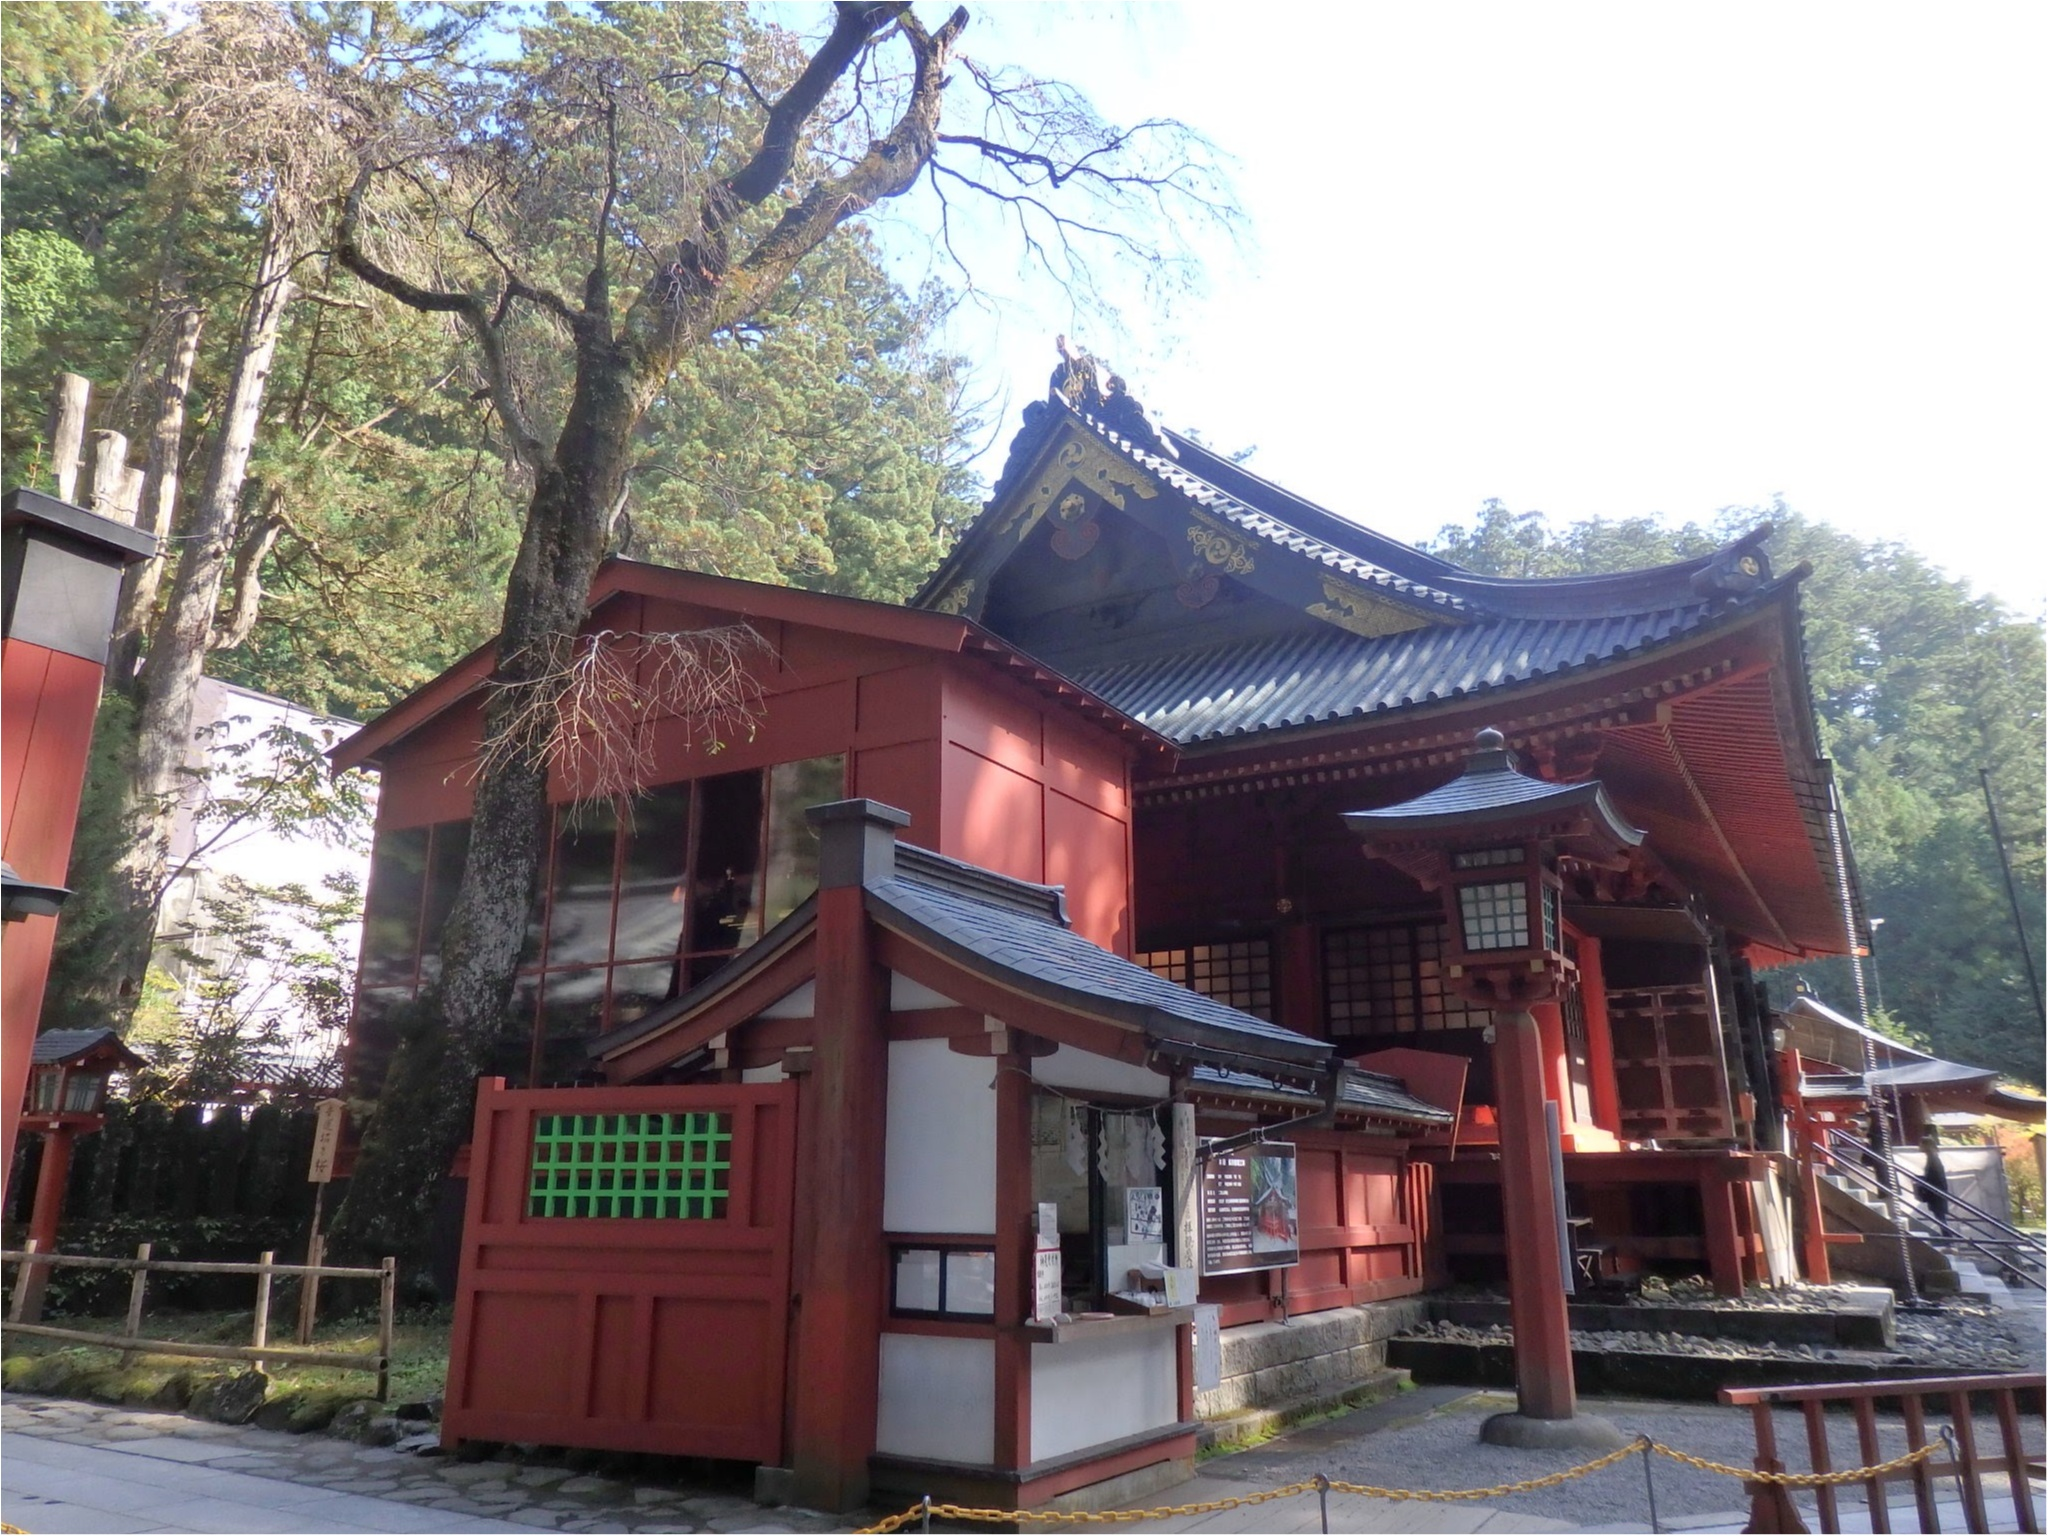 【知らなかった!】日本一楽しめる神社へ潜入してみた_19